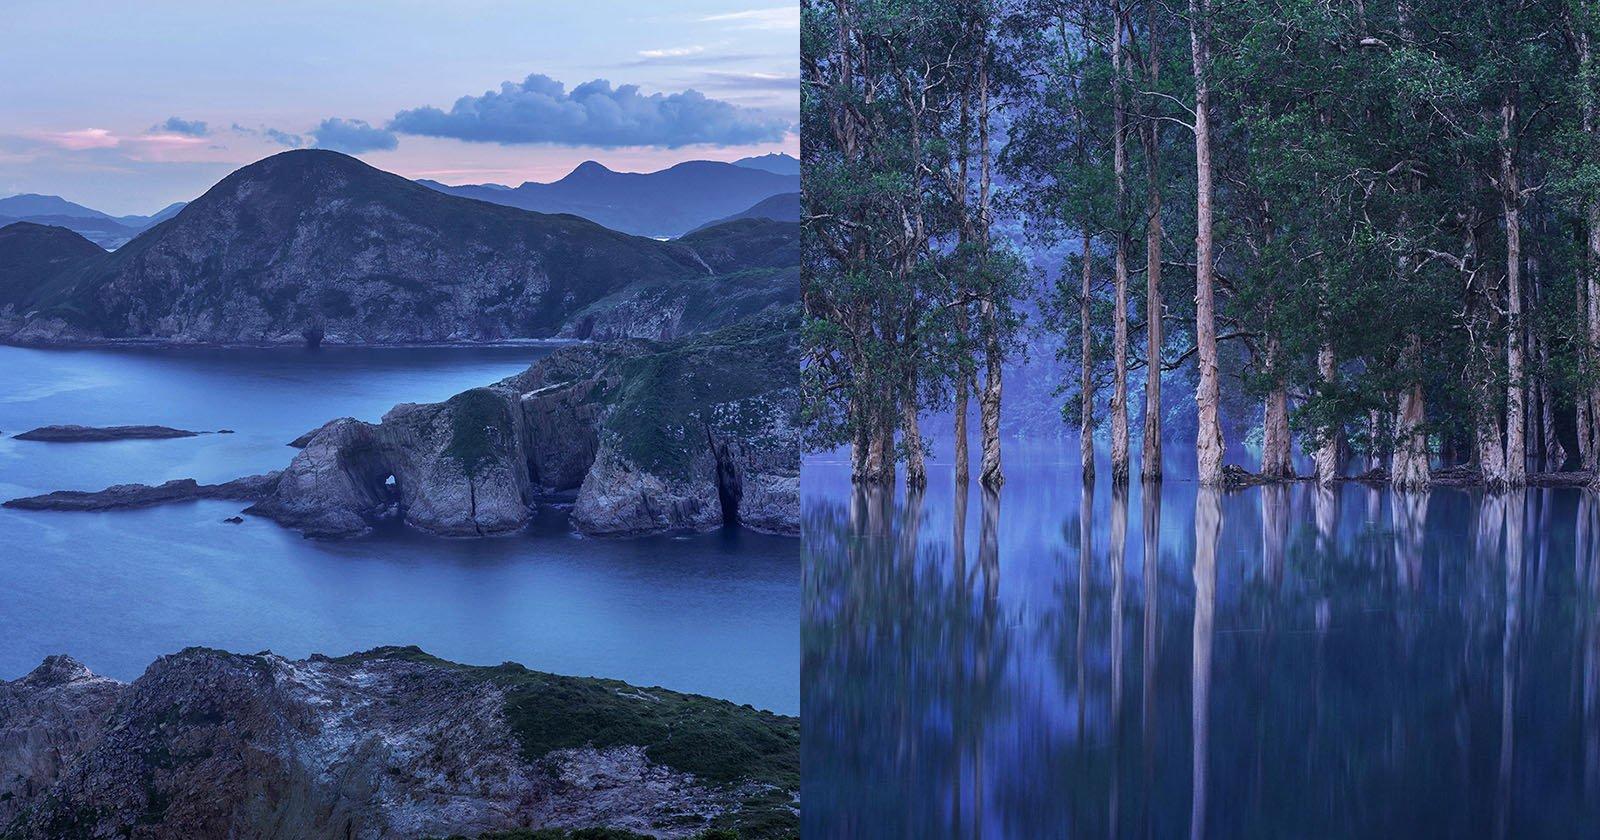 Hong Kong Landscapes at Blue Hour